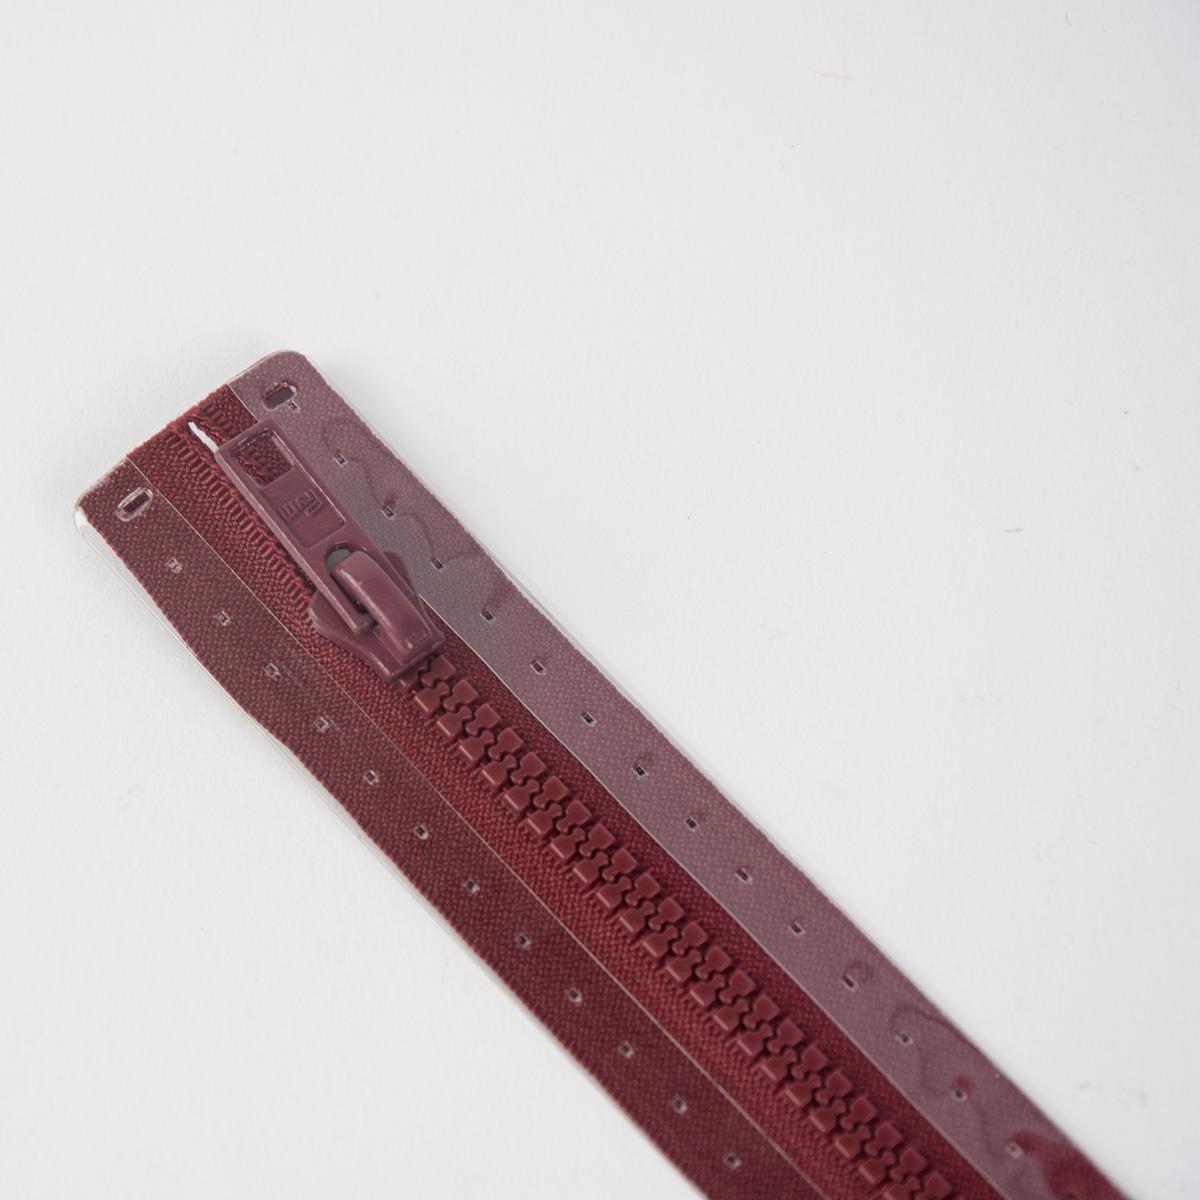 Reißverschluss S4 Profil tb 65 cm Fla burgund